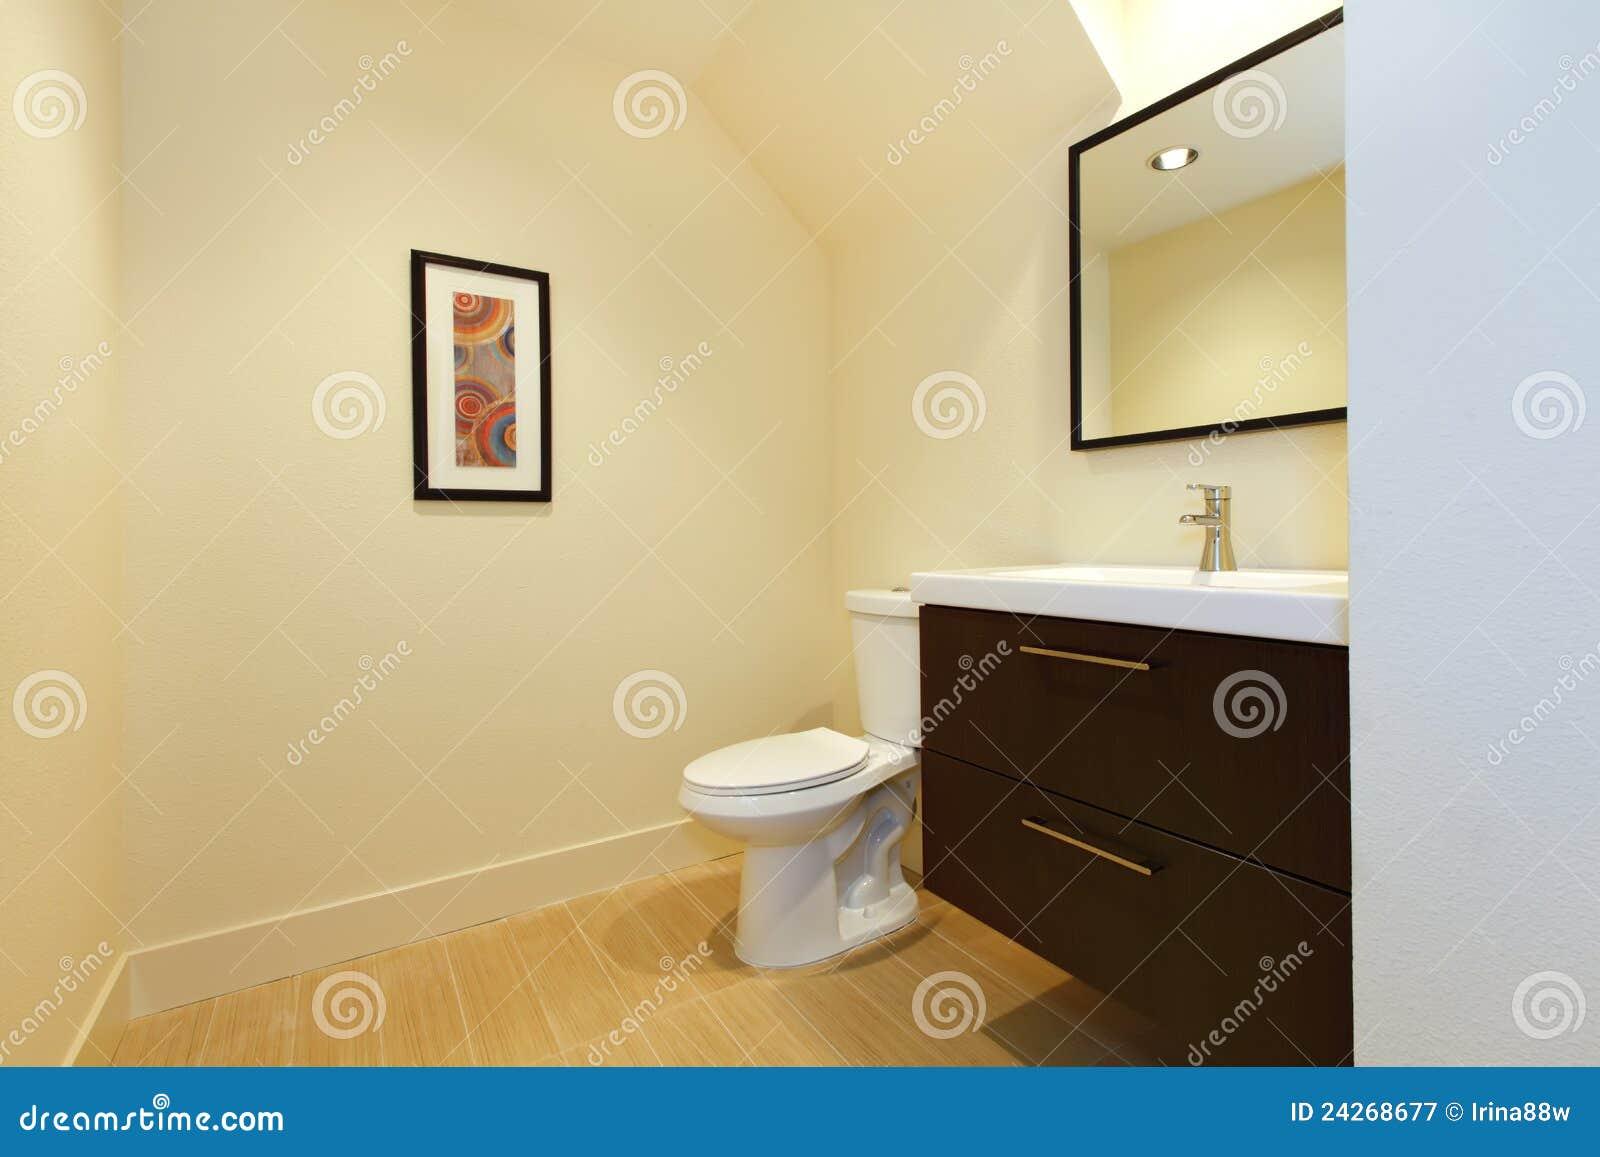 #83A724 Banheiro moderno novo simples com gabinete marrom e o assoalho bege. 1300x957 px Banheiros Modernos E Simples 709